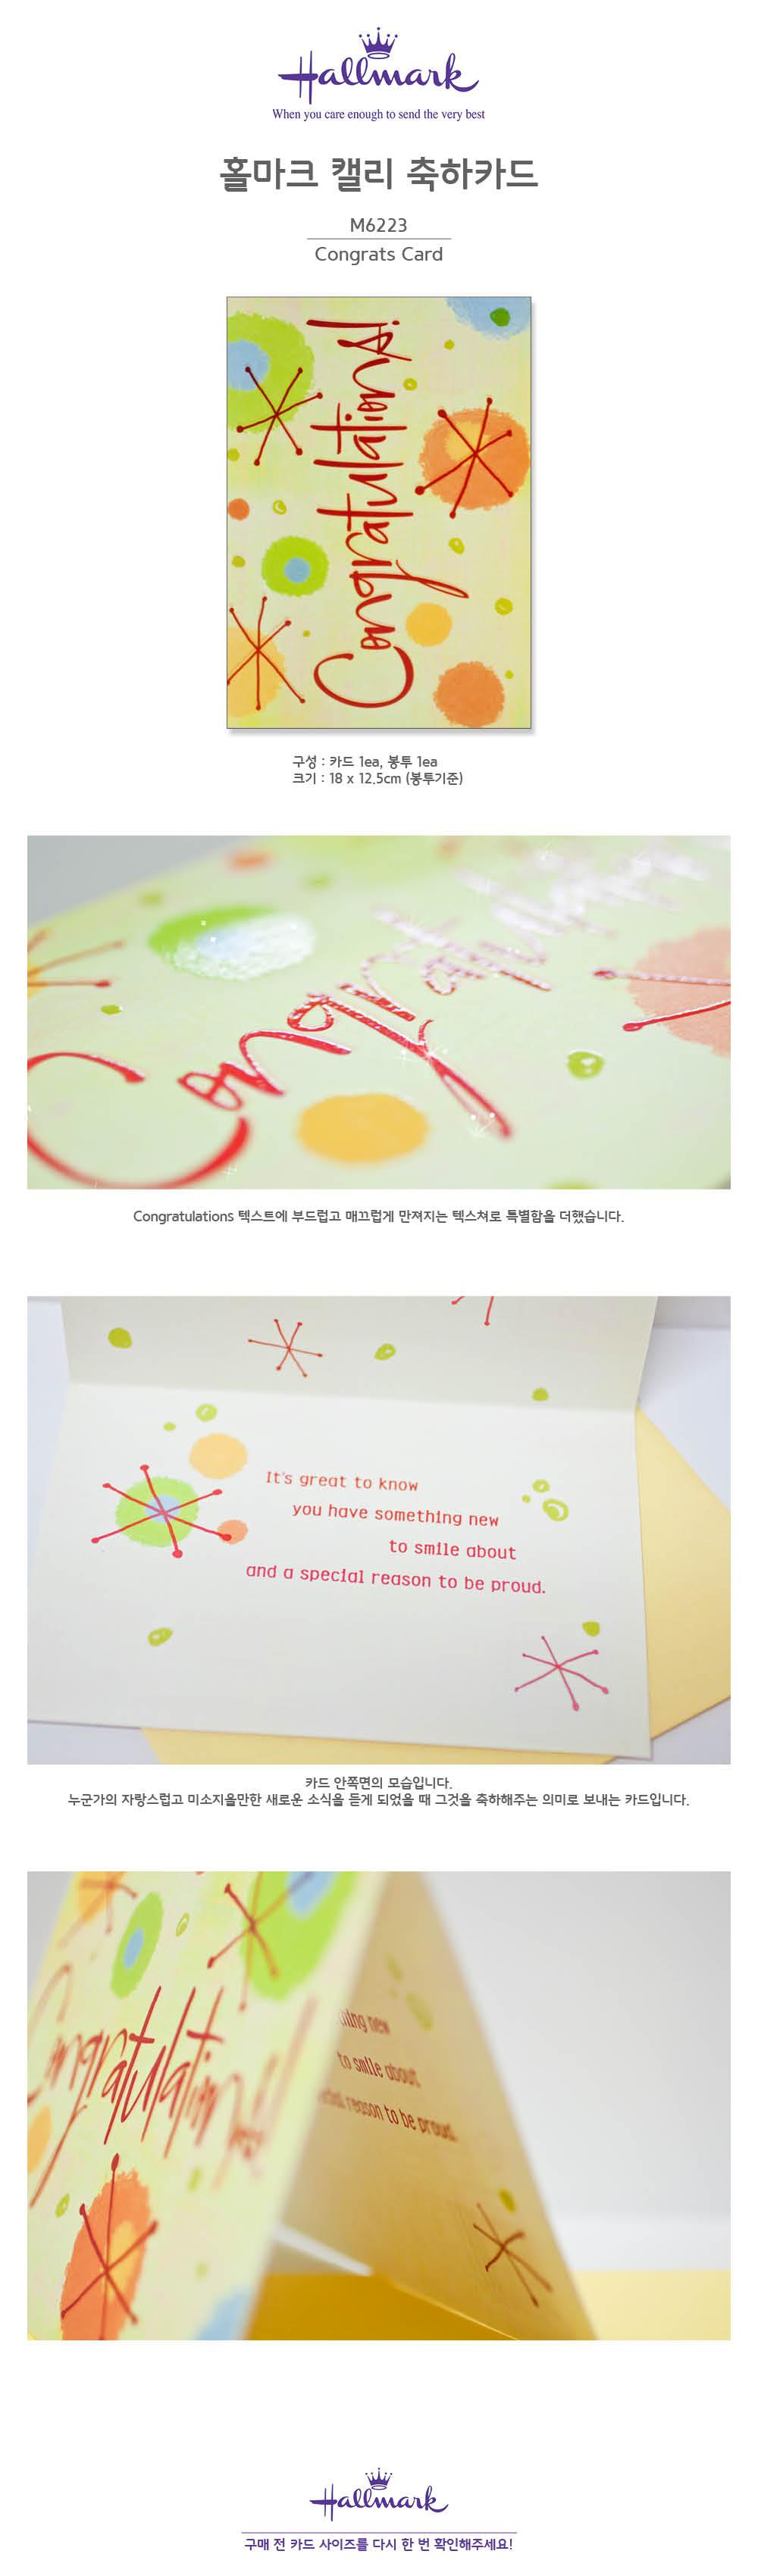 홀마크 축하 카드(폭죽) M6223 - 홀마크, 3,000원, 카드, 축하 카드